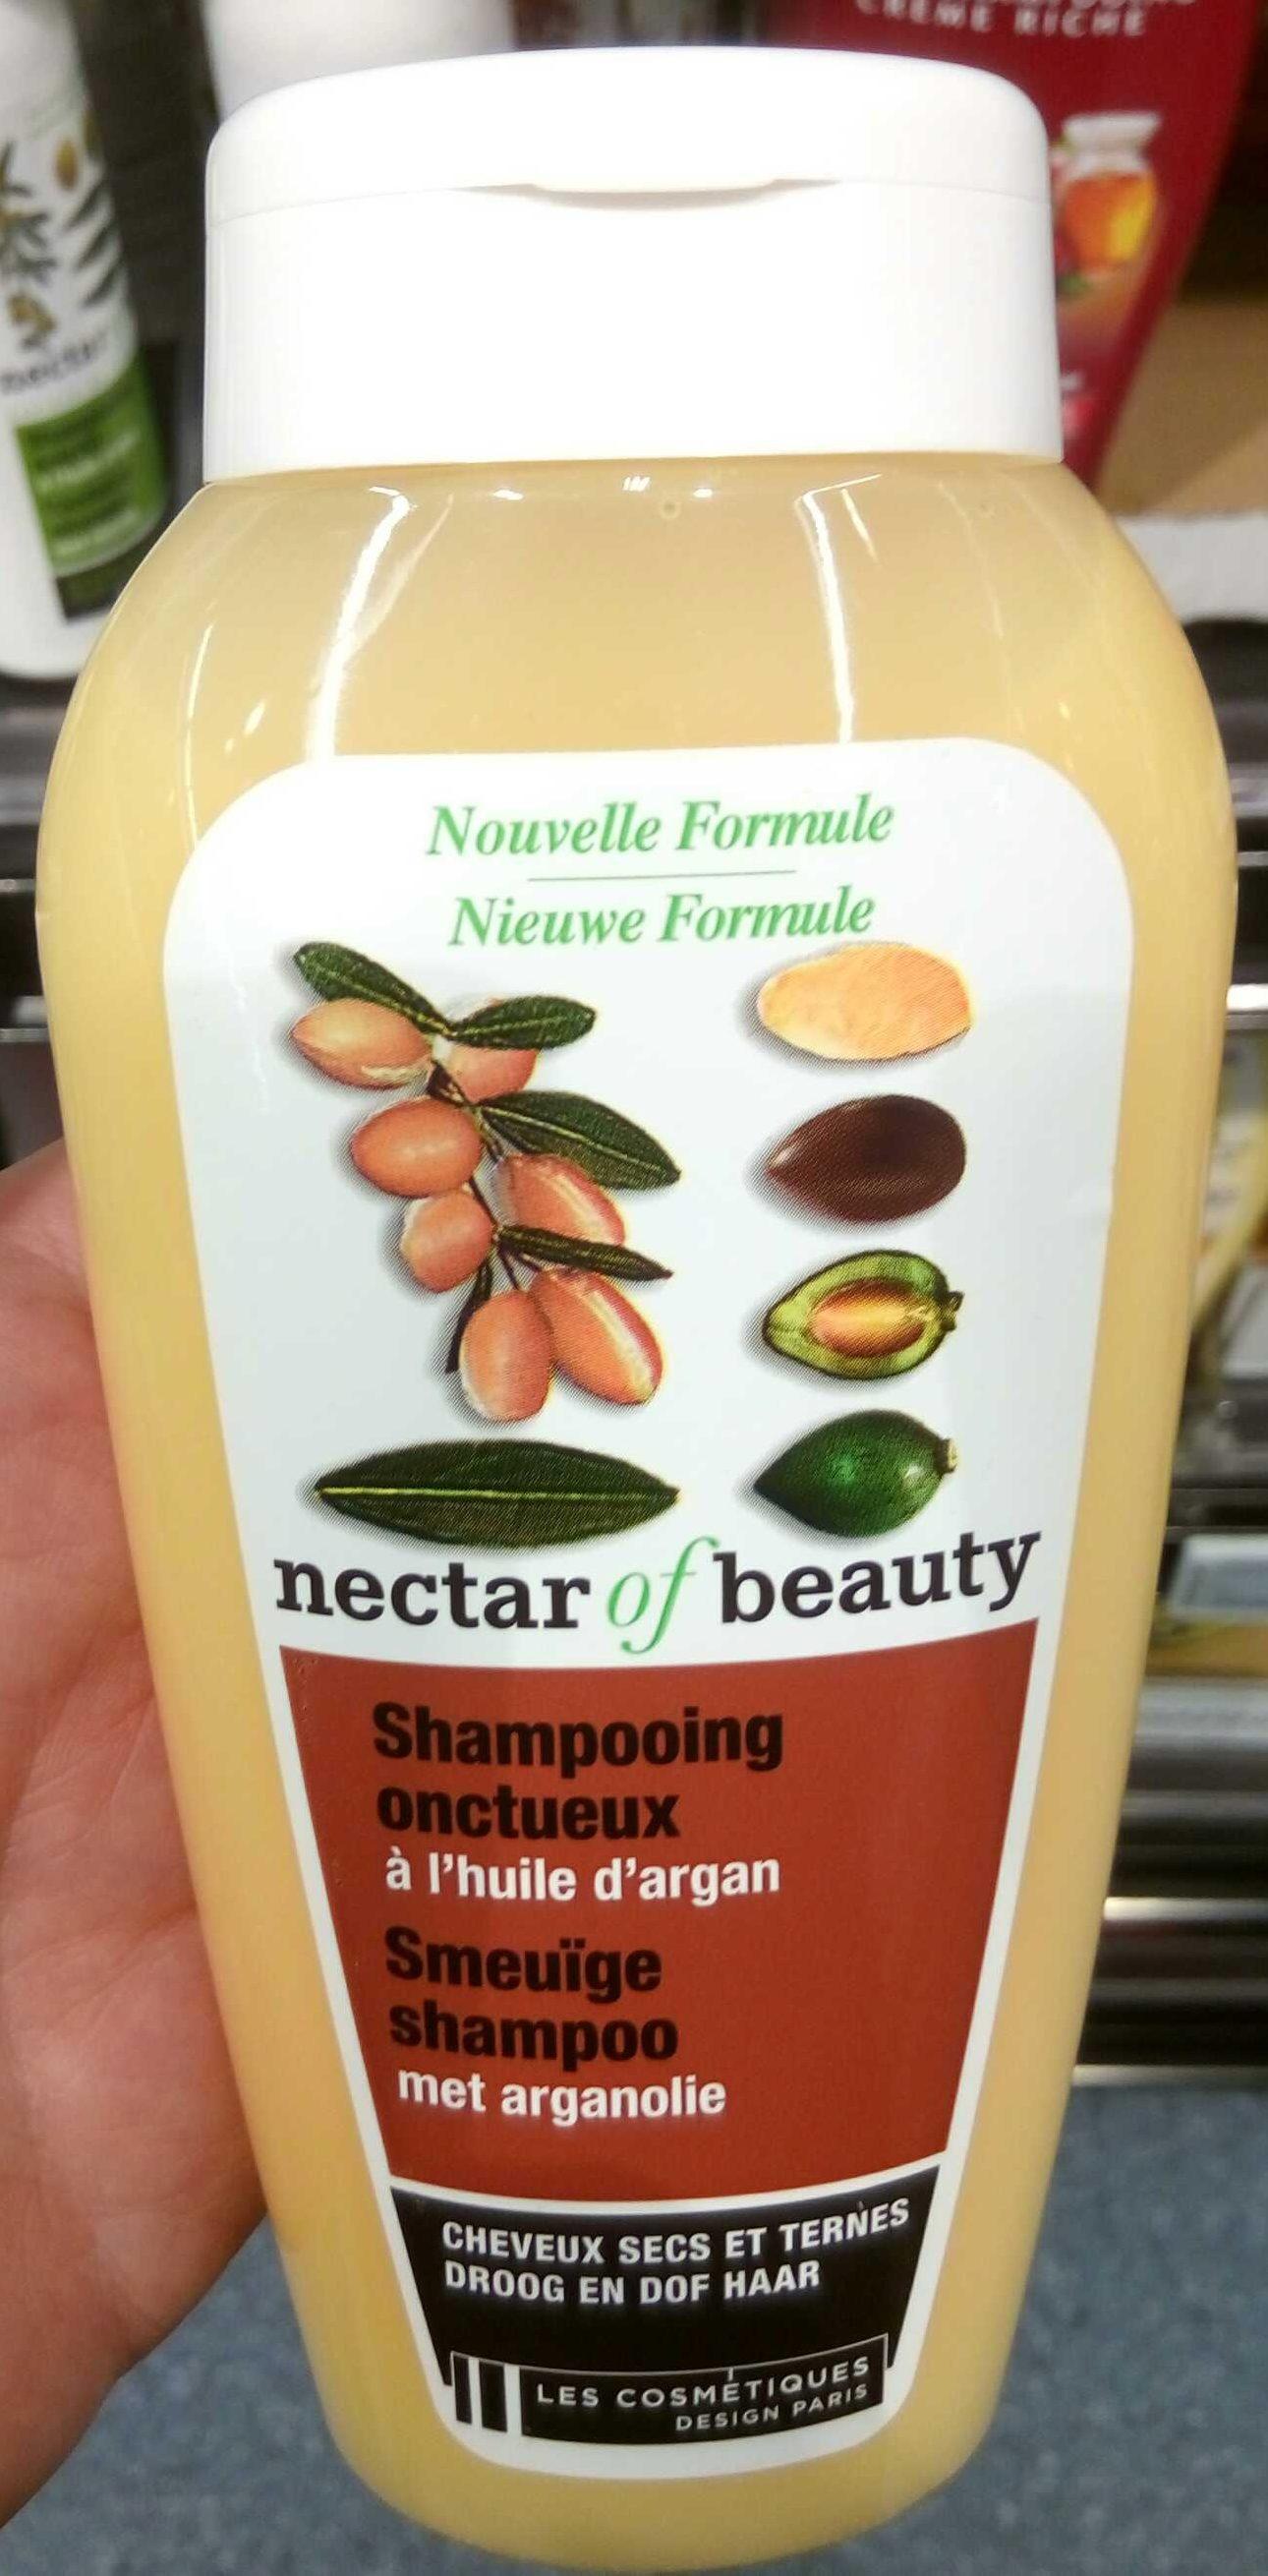 Shampooing onctueux à l'huile d'argan - Produit